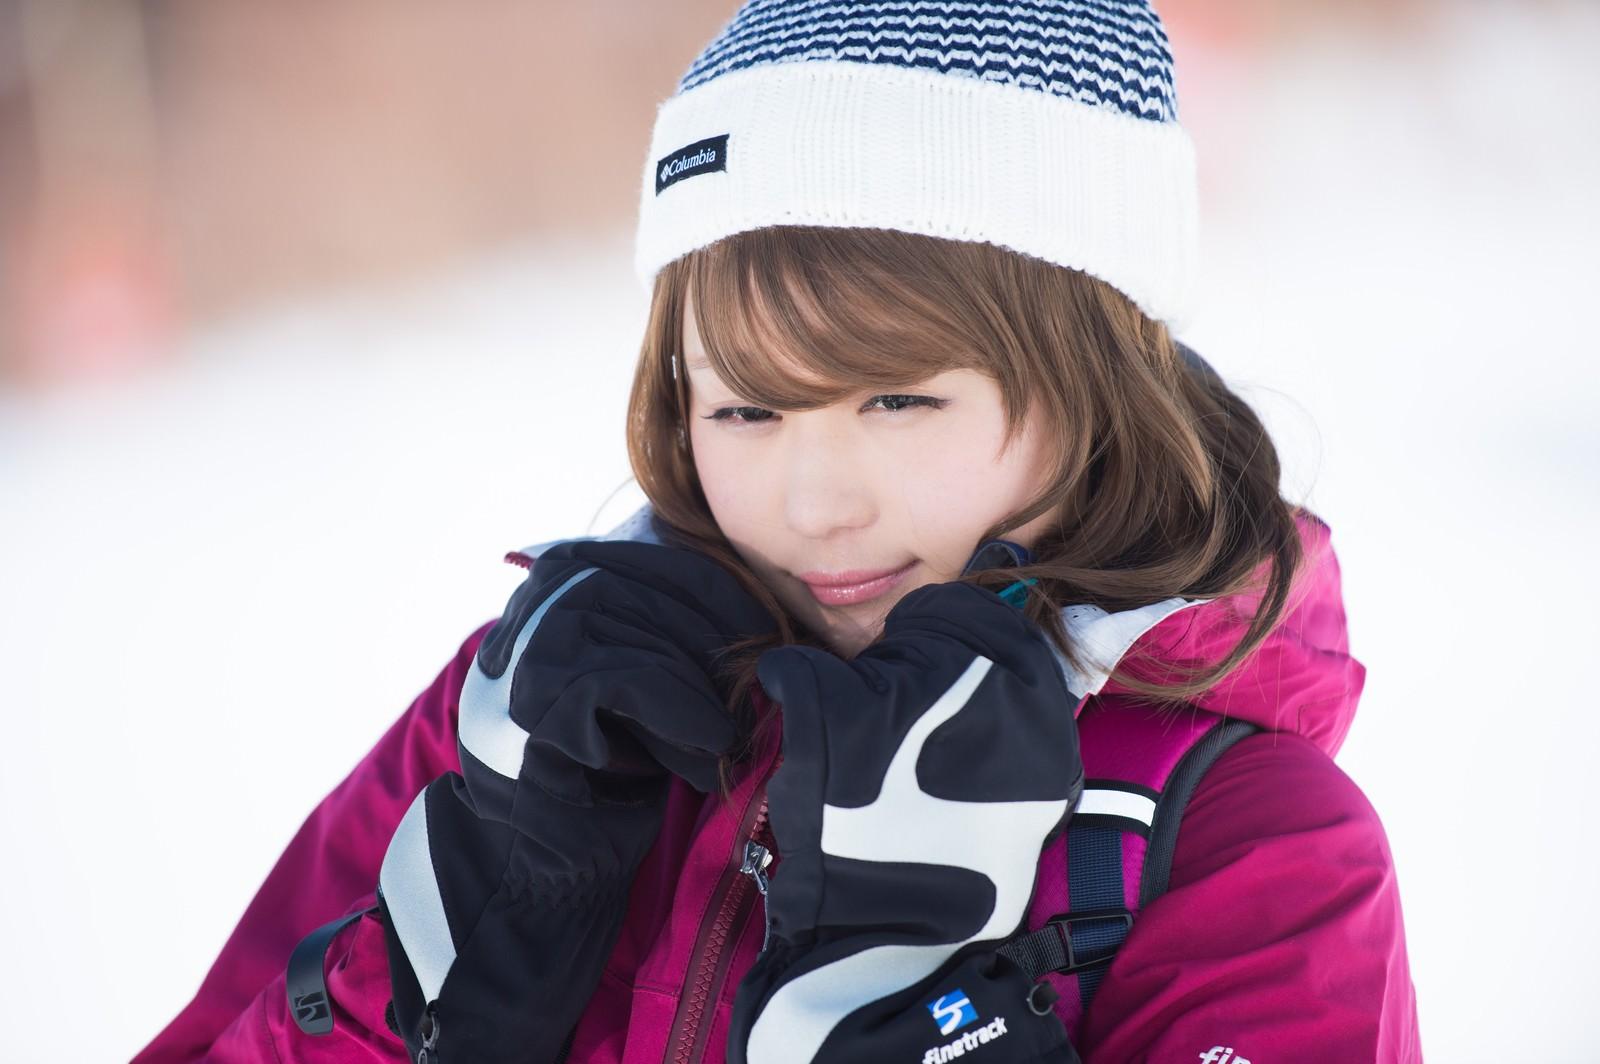 「氷点下10度の寒さから守るウェア氷点下10度の寒さから守るウェア」[モデル:茜さや]のフリー写真素材を拡大